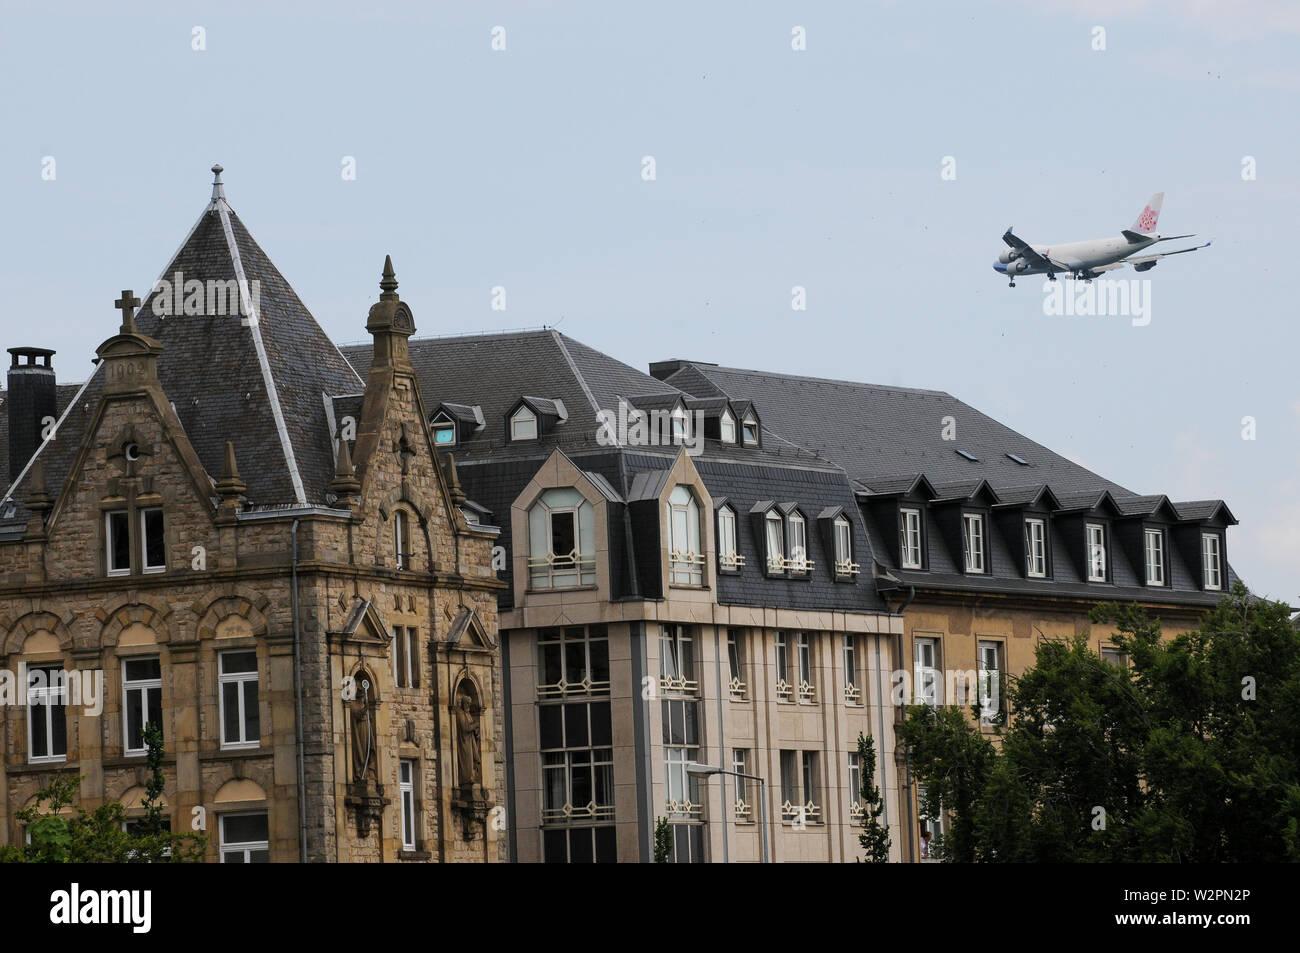 Luxemburg city, Luxemburg, Western Europe - Stock Image